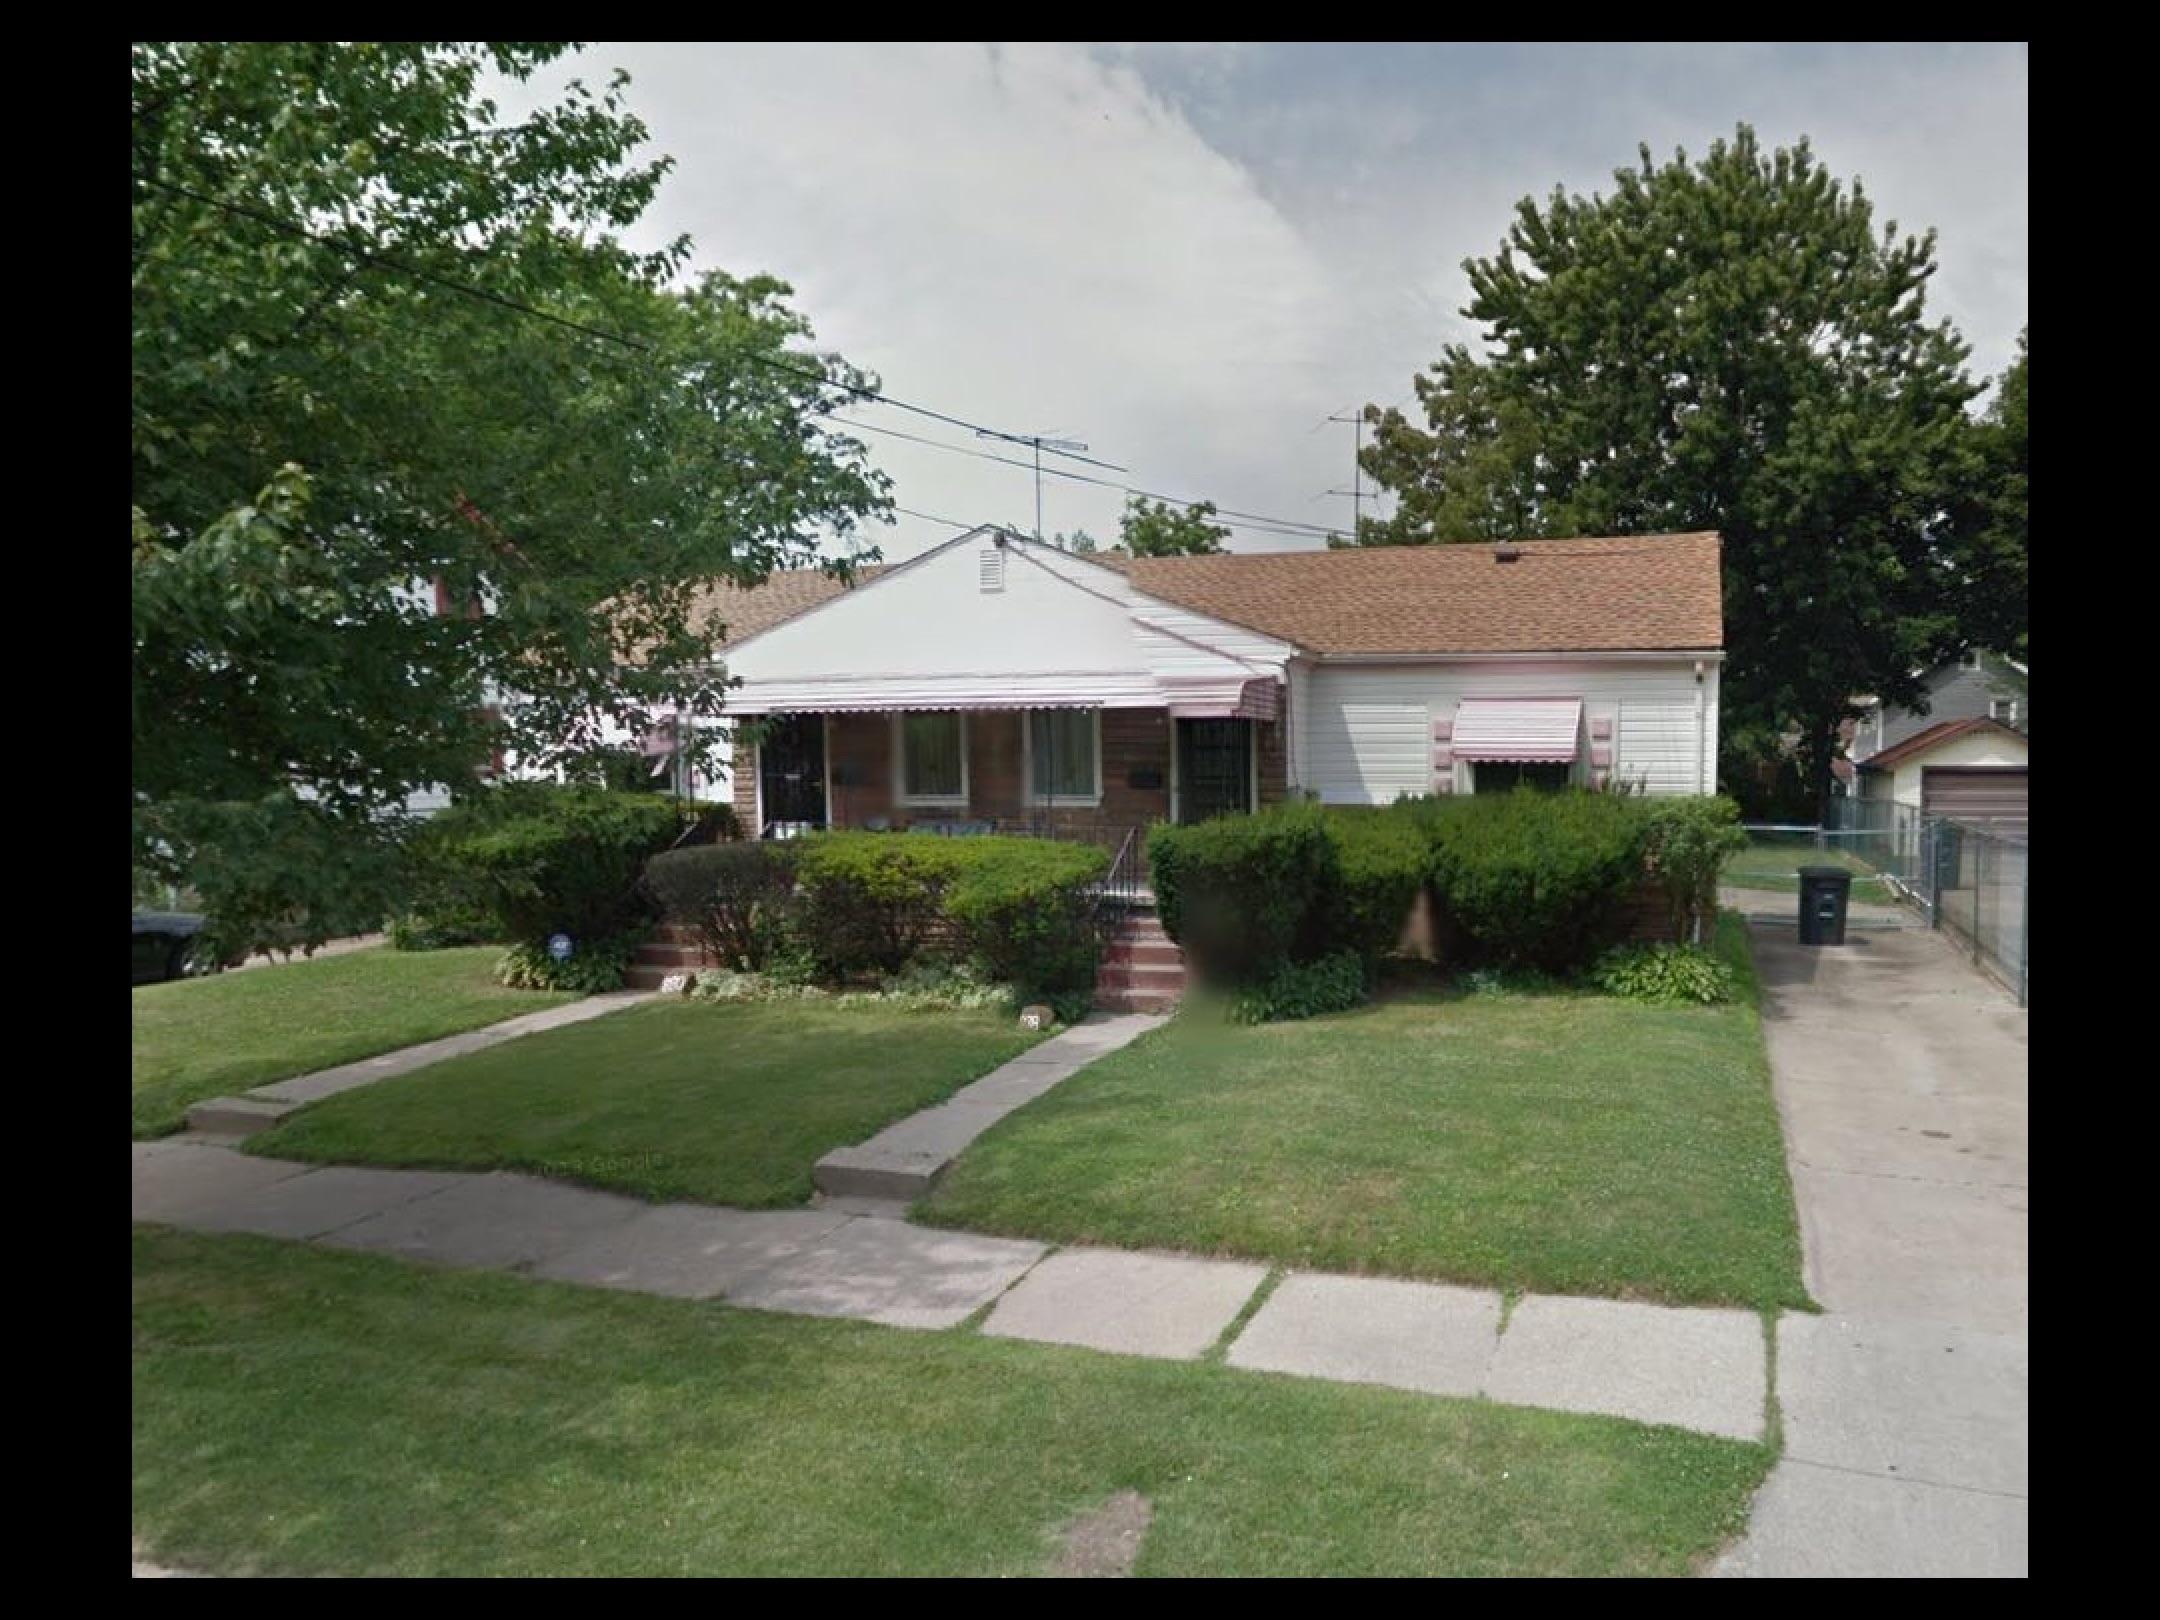 878 Storer Ave (Image - 3)